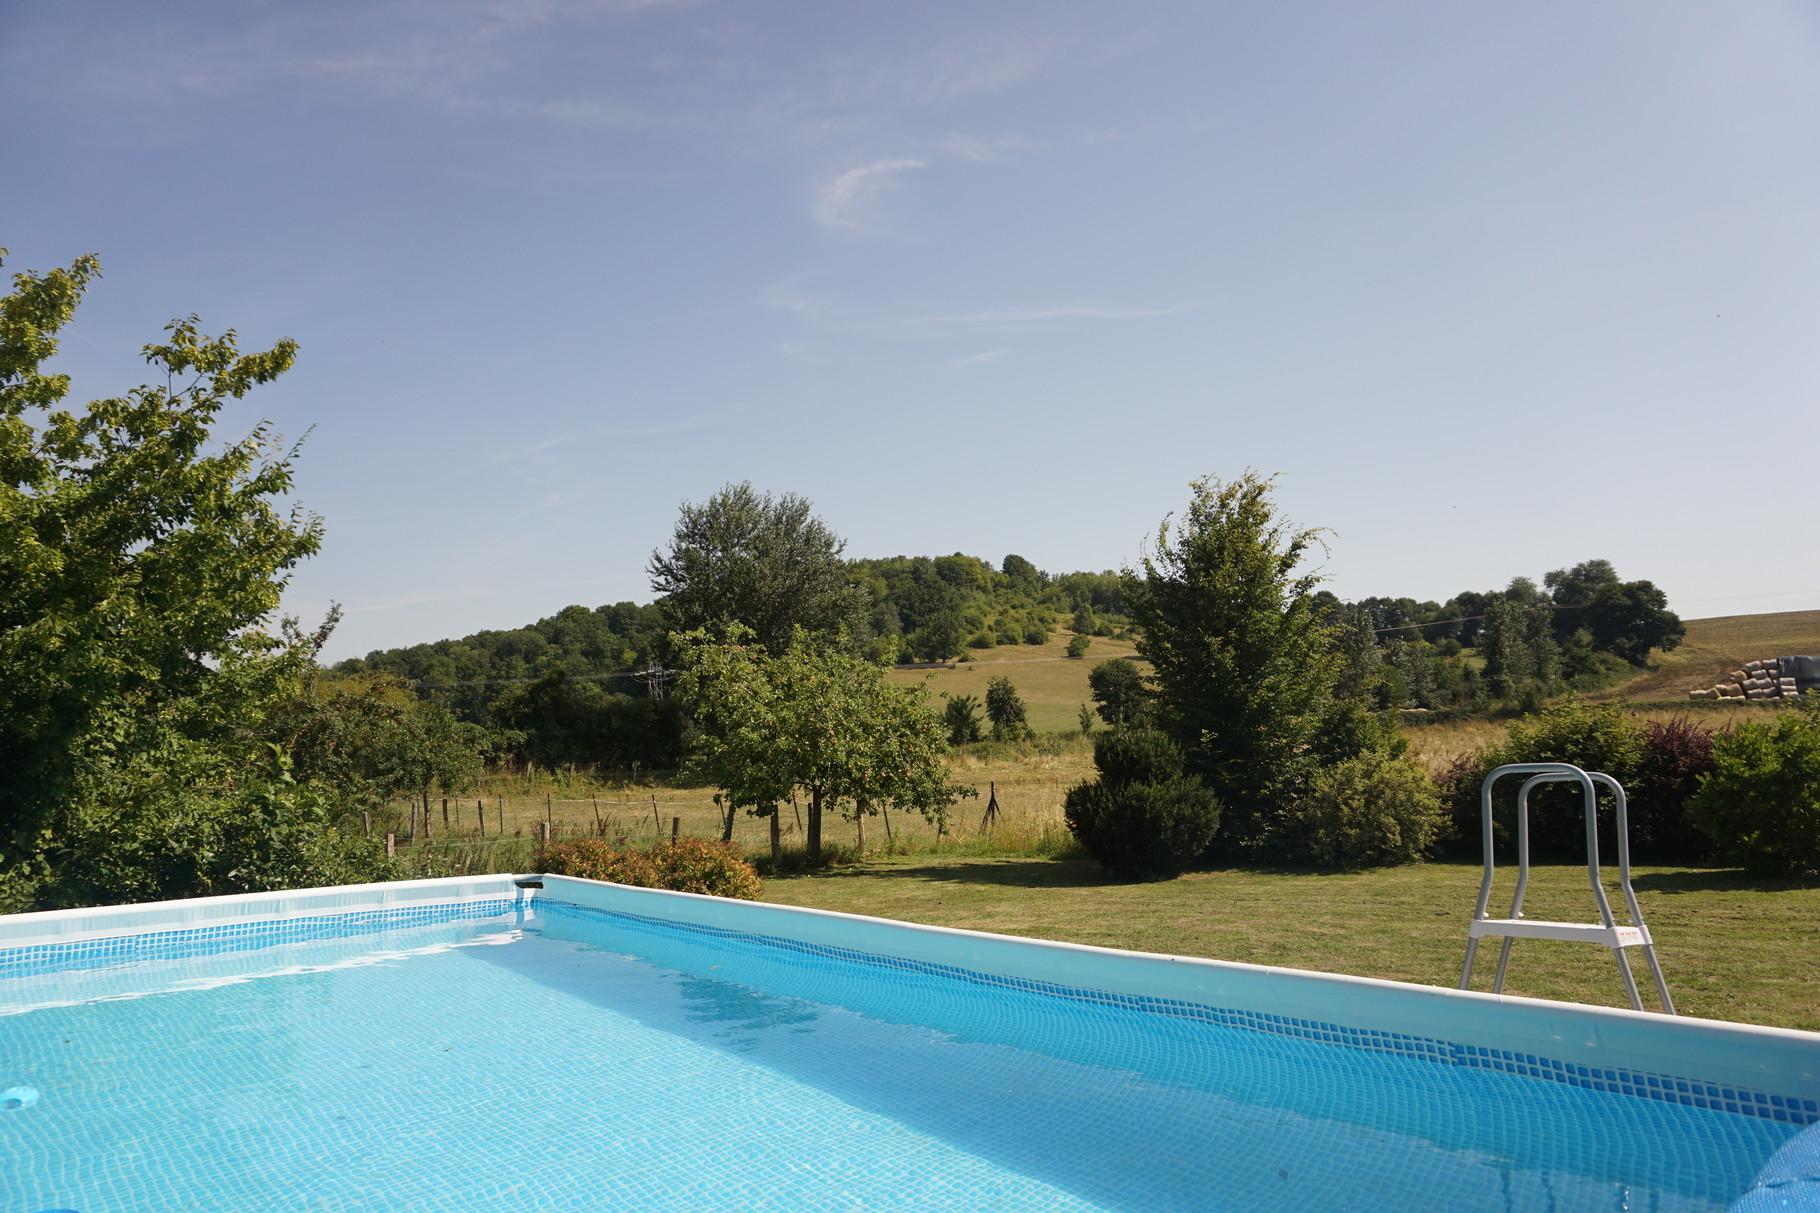 Grande piscine hors sol - Gite Aisne